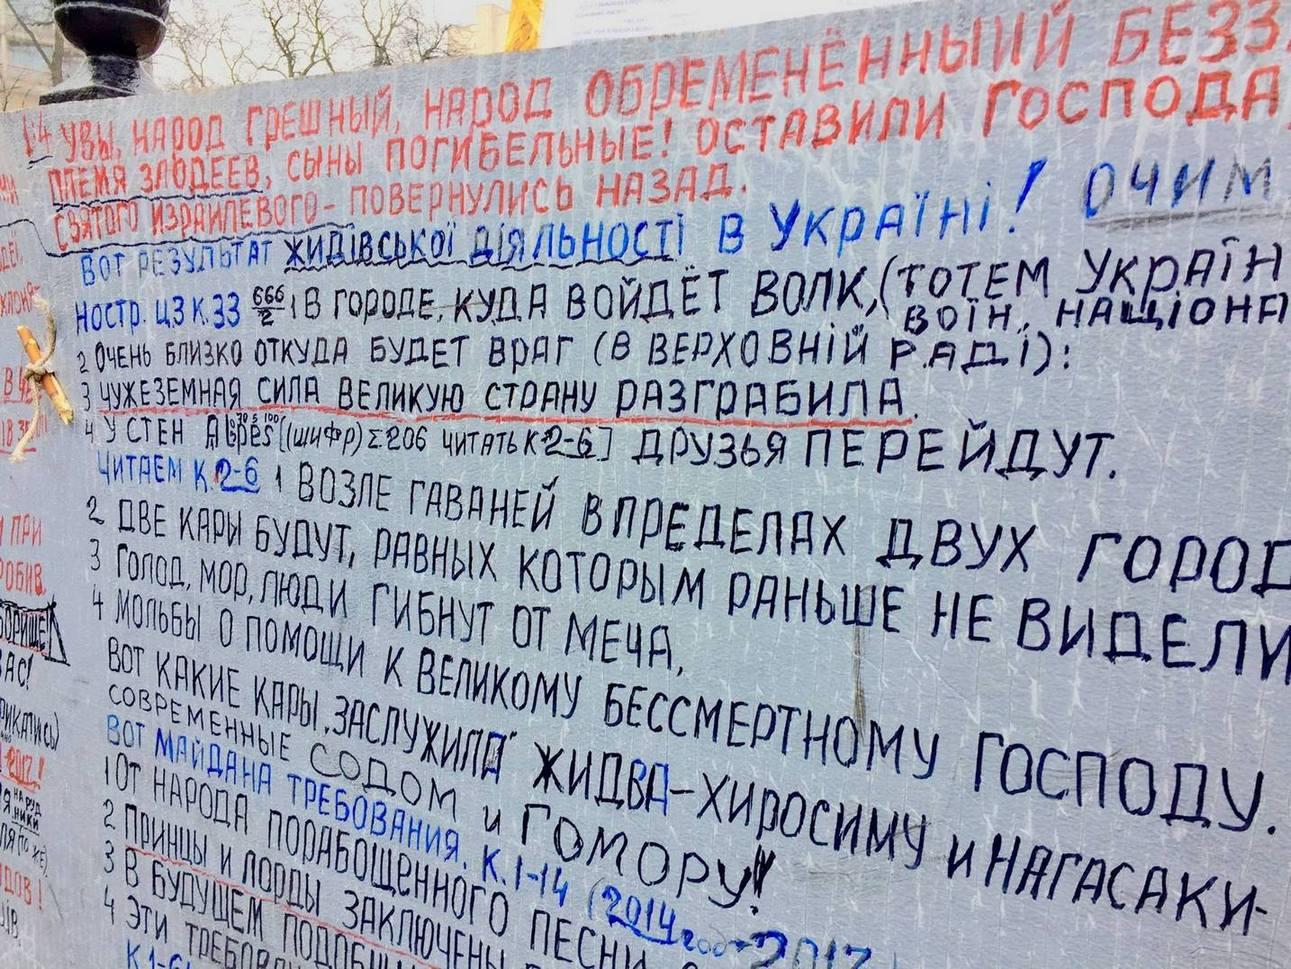 Антисемитский плакат большого формата в протестном лагере стороннико Саакашвили возле Верховной Рады в Киеве. Фото: FB-страница Григория Кузнецова.